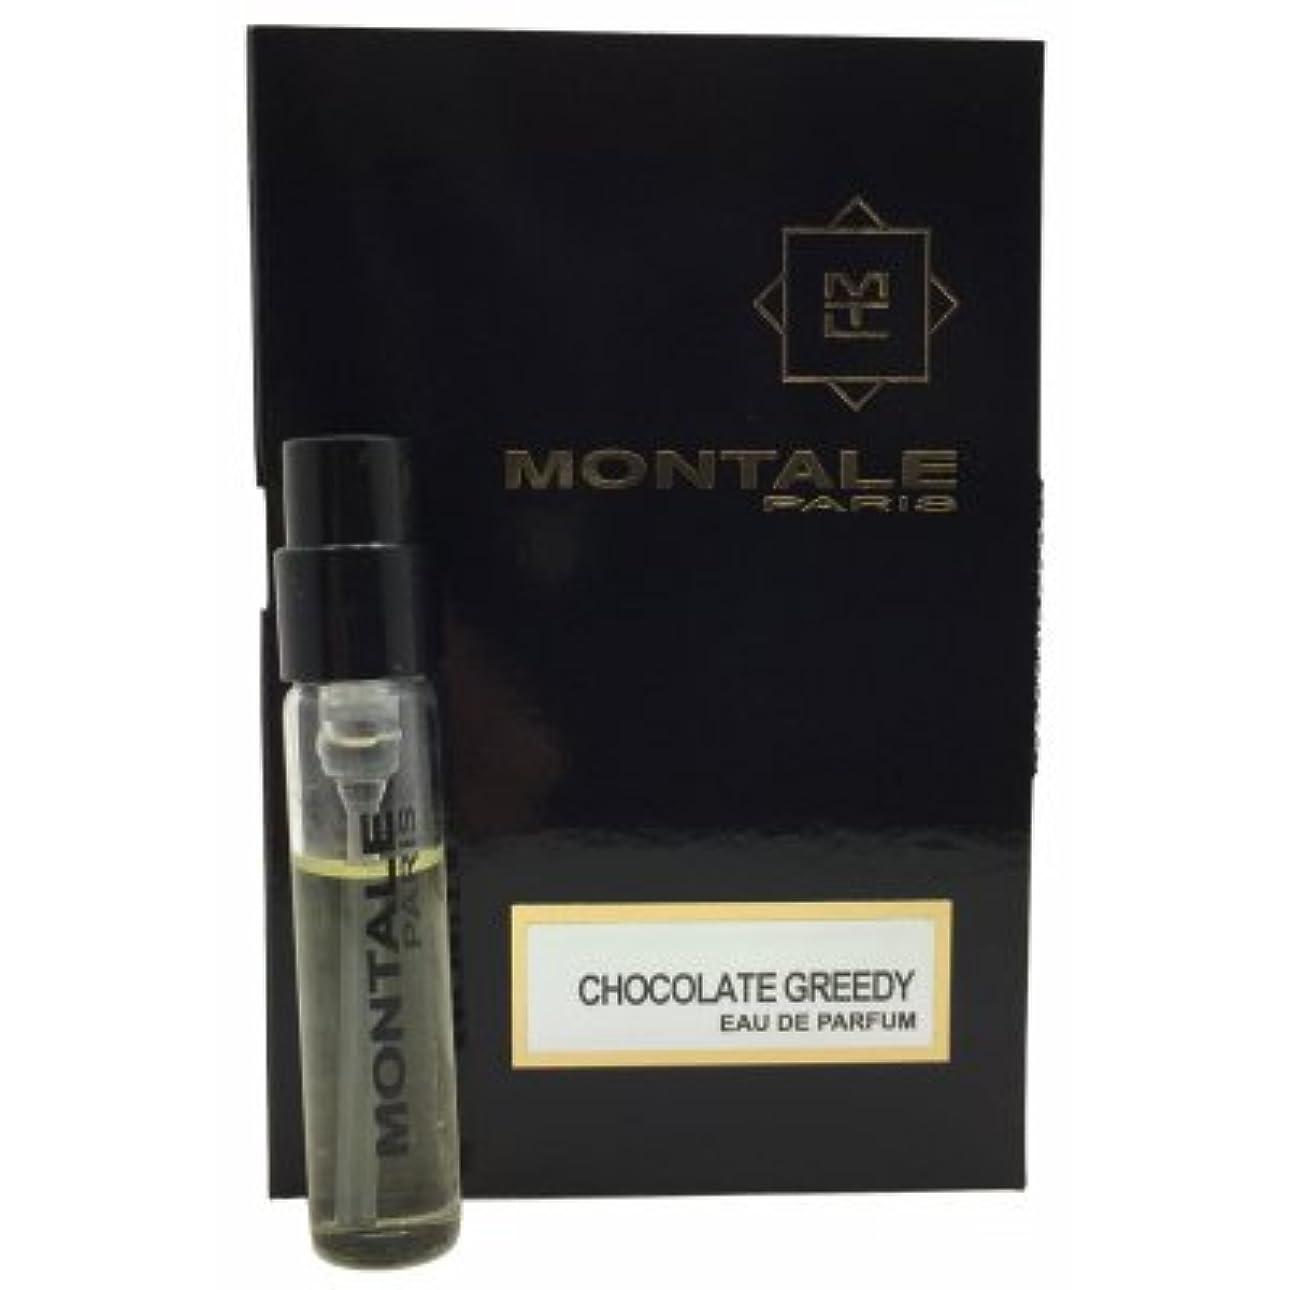 リベラル登録発生Montale Chocolate Greedy EDP Vial Sample 2ml(モンタル チョコレート グリーディー オードパルファン 2ml)[海外直送品] [並行輸入品]